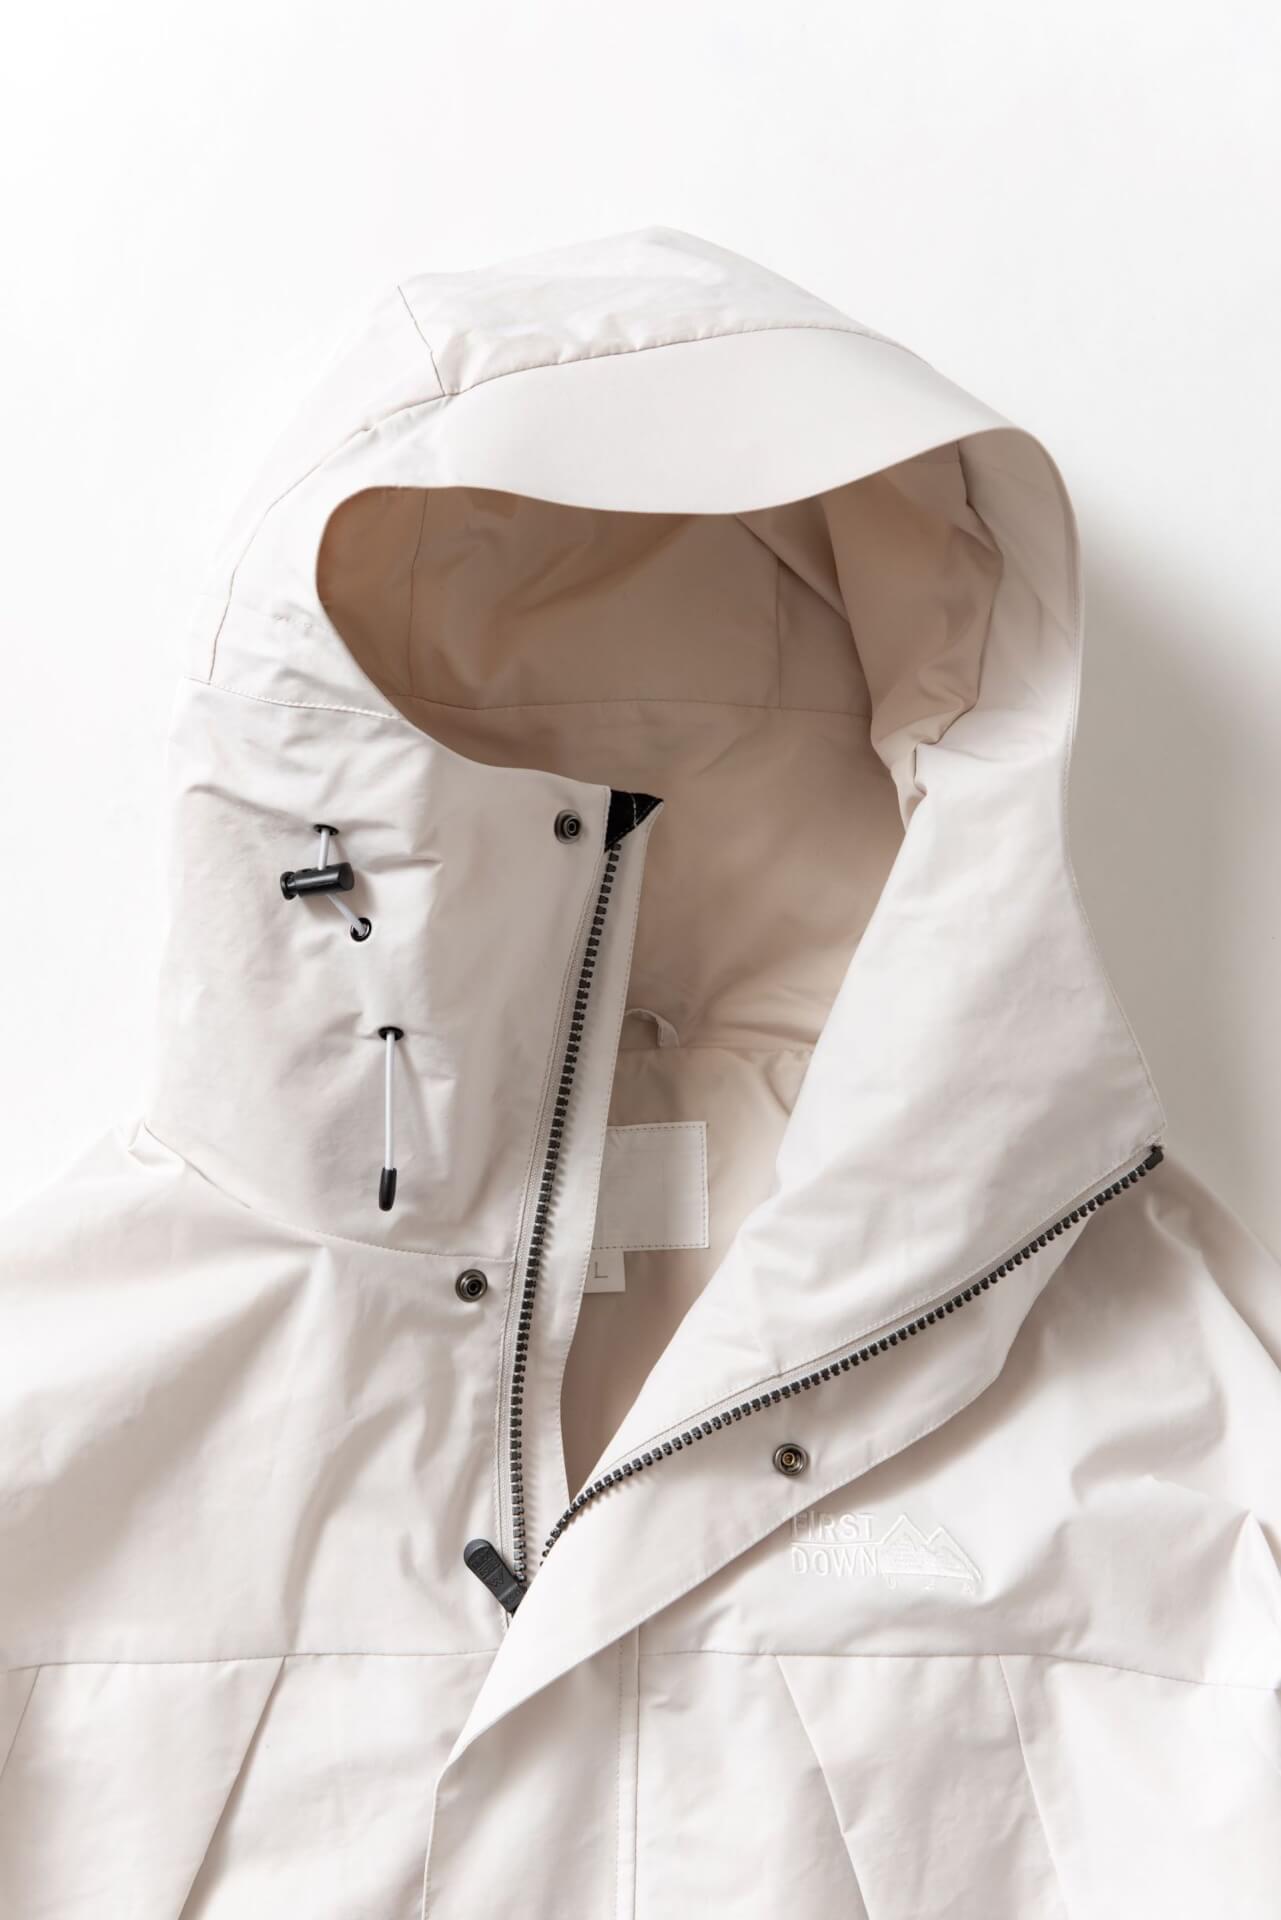 FIRST DOWNの別注アウターがセレクトショップ・styling/から発売決定!フードコート、ボアブルゾン、リバーシブルダウンの3型 fashion2020915-firstdown6